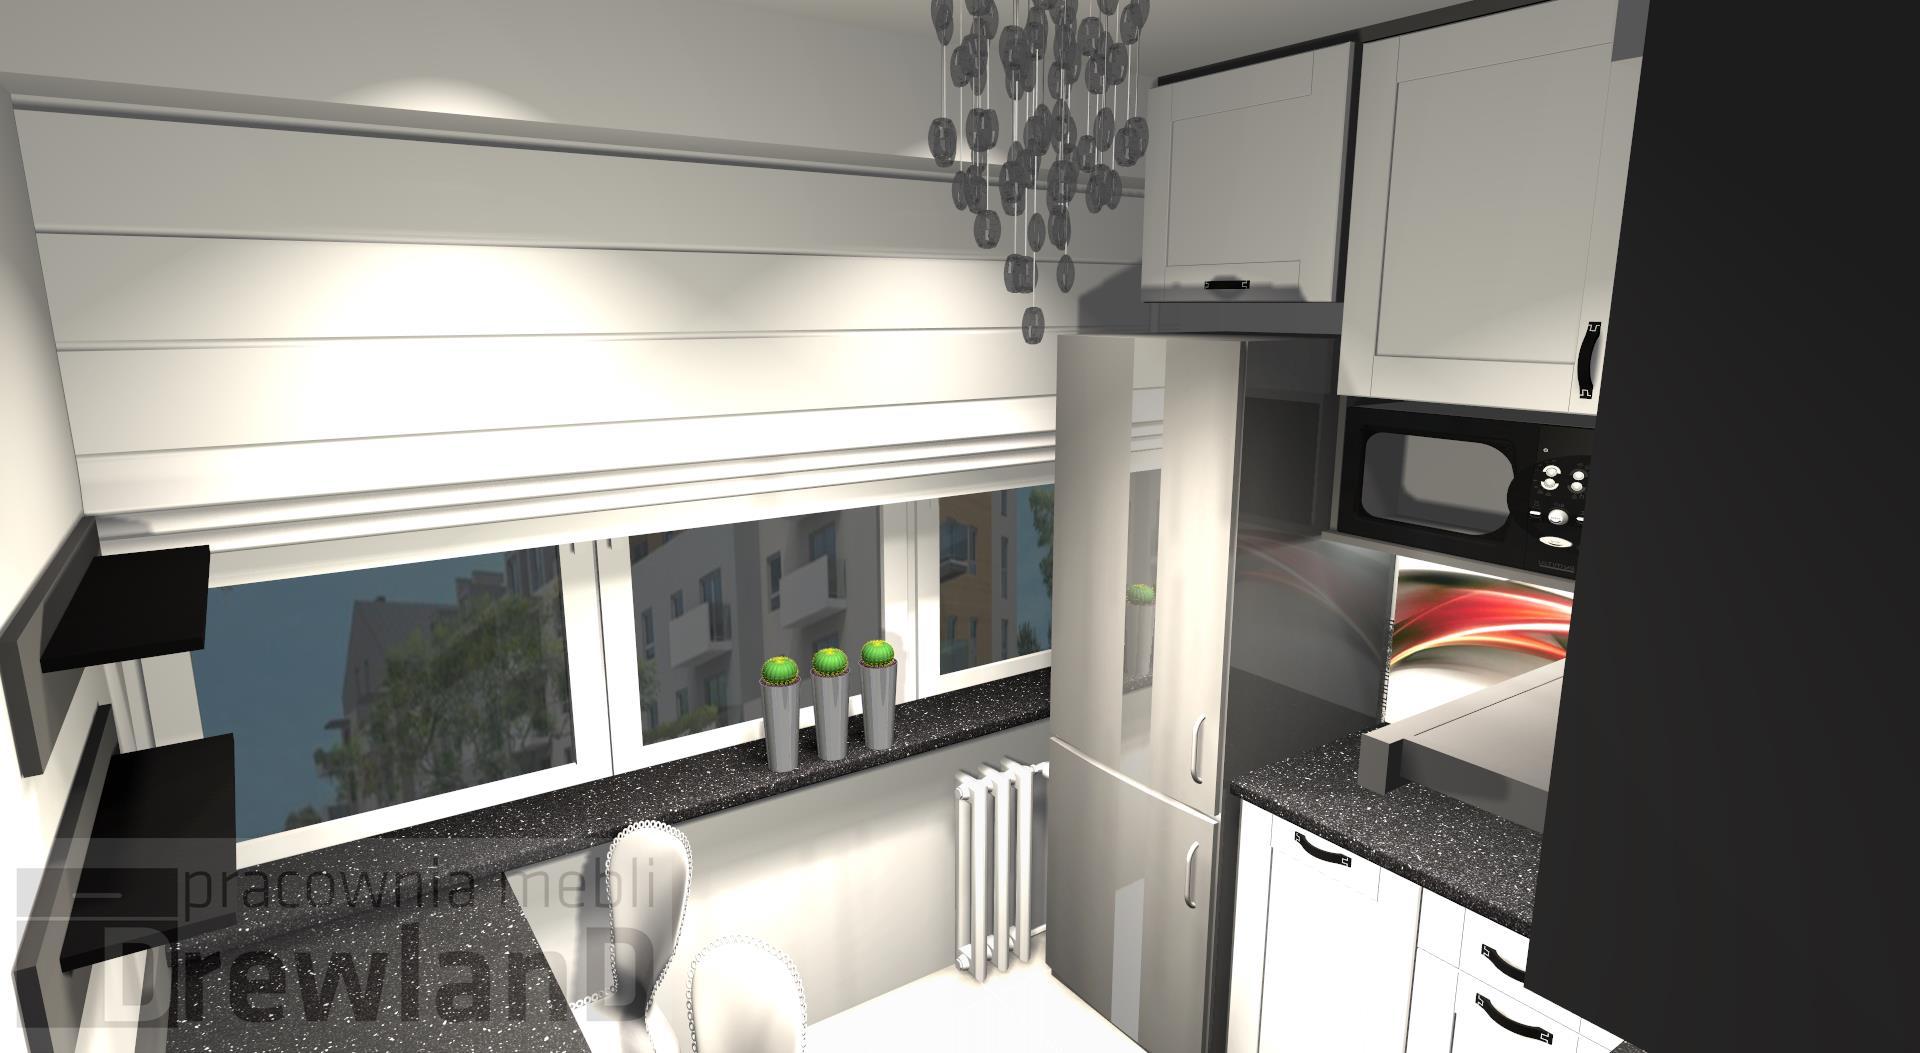 Mała kuchnia w czerni i bieli Projekt kuchni  Drewland pl -> Kuchnia Czarno Kremowa